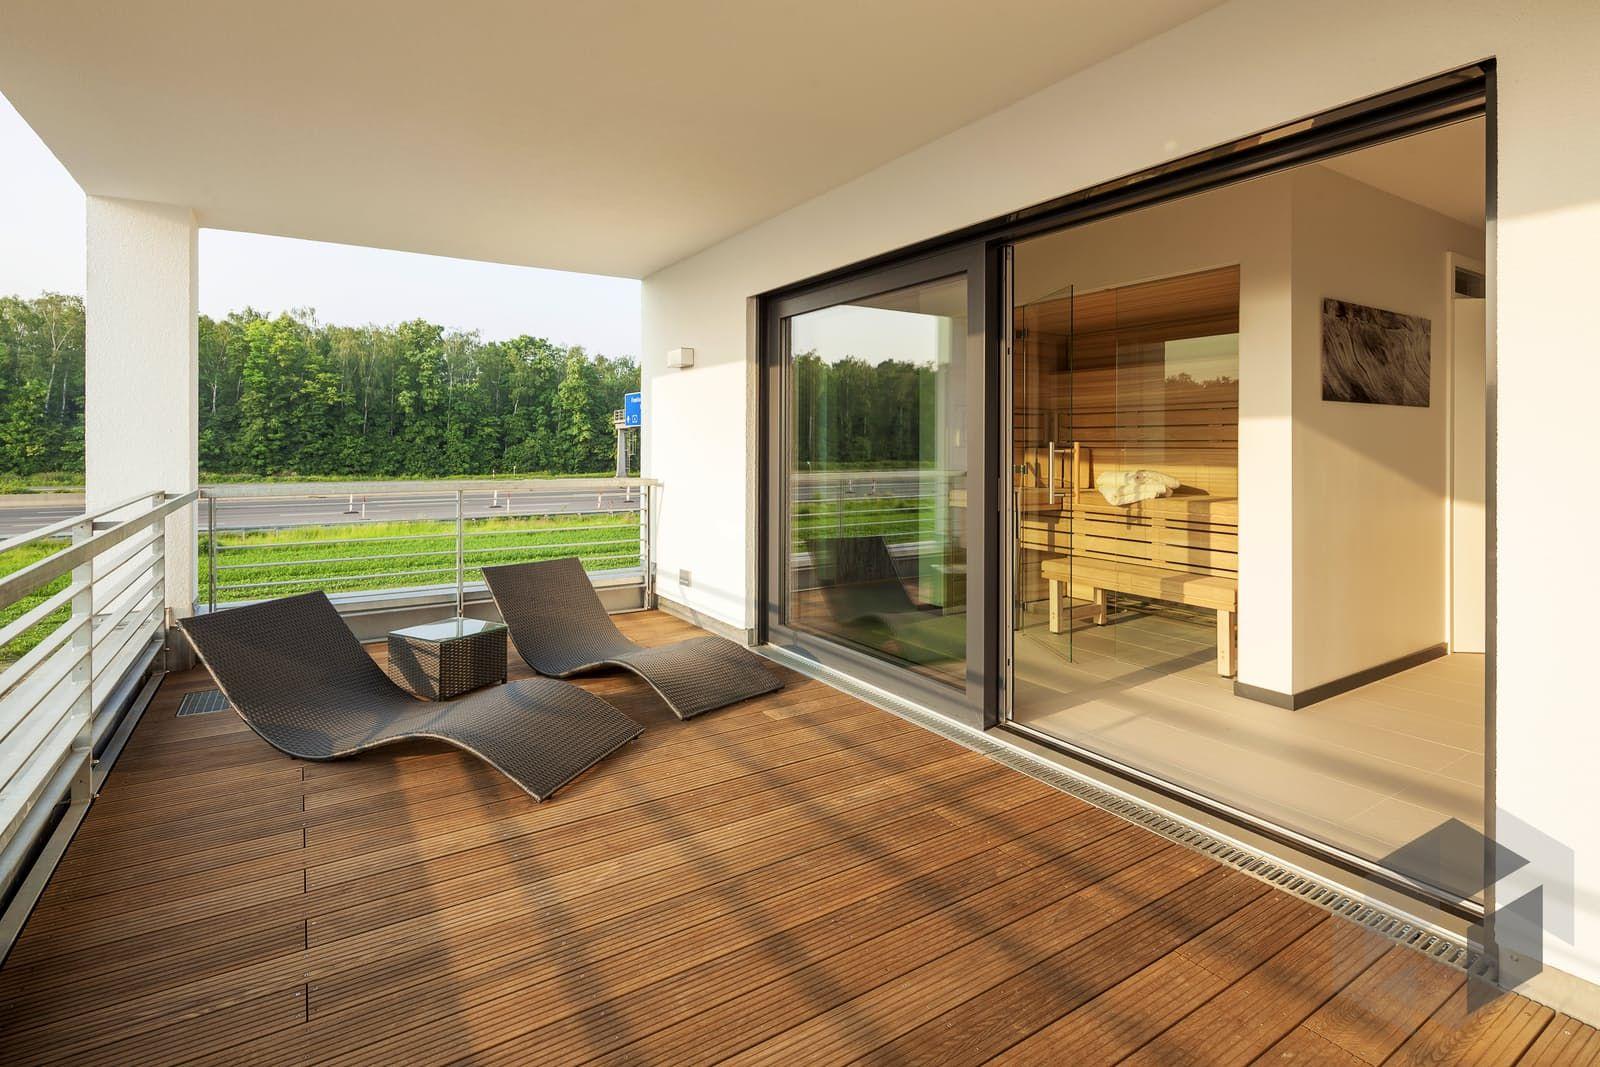 Wohnideen Terasse frame mh köln luxhaus einrichtung interior wohnideen